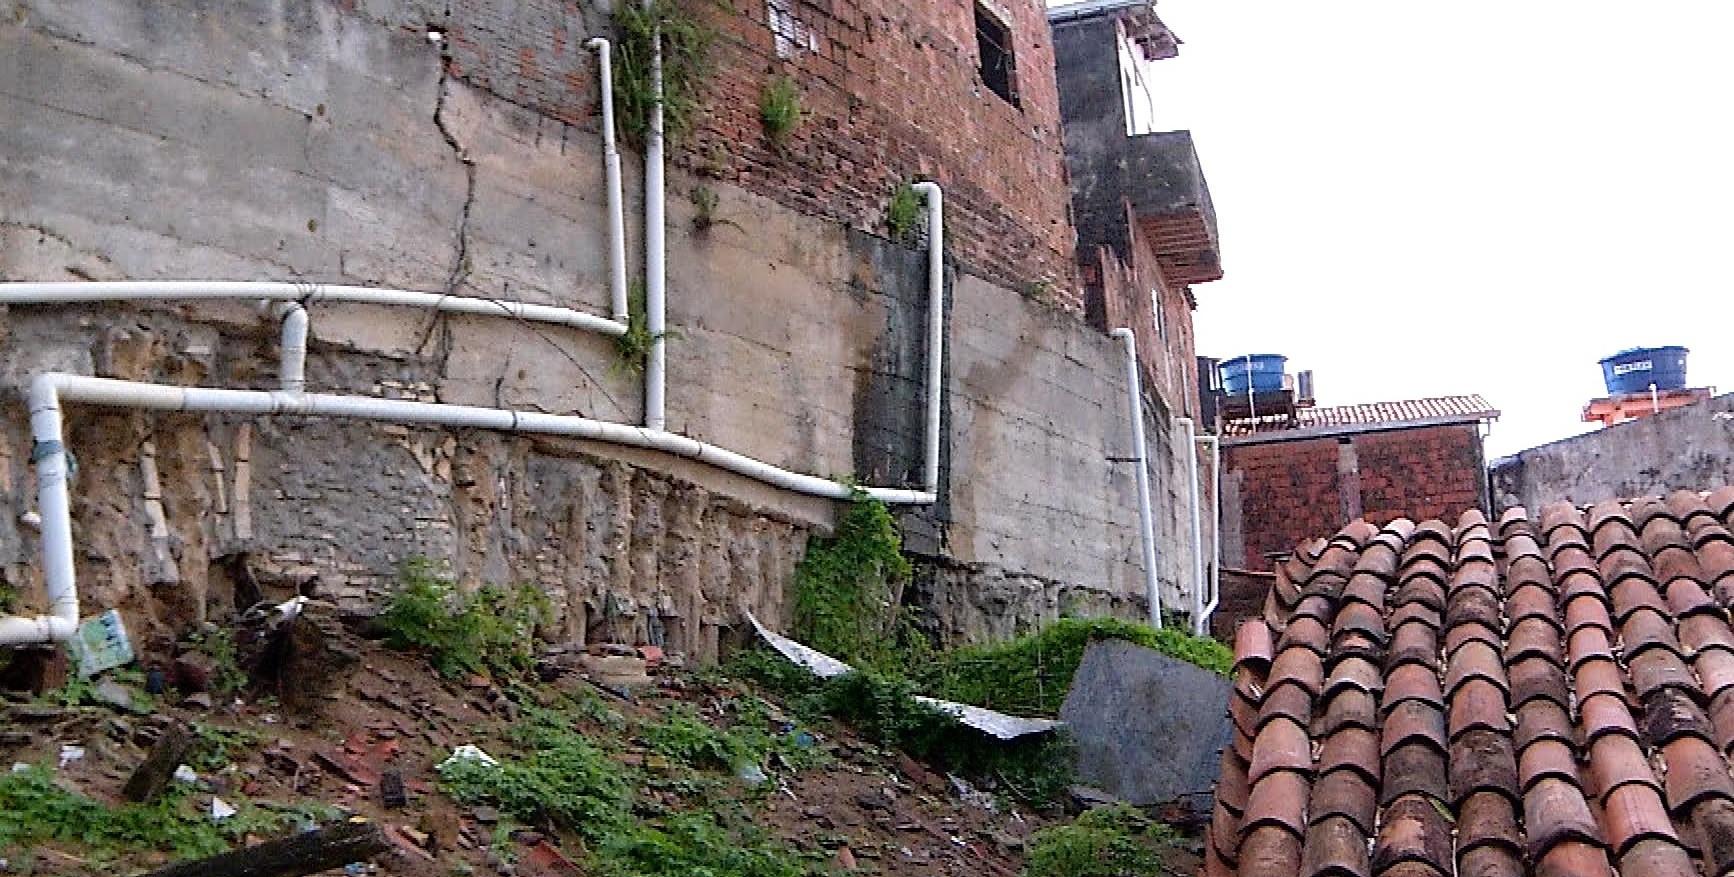 Prefeitura interdita 18 casas próximas a muro com risco de desabamento na Zona Leste de Natal - Noticias